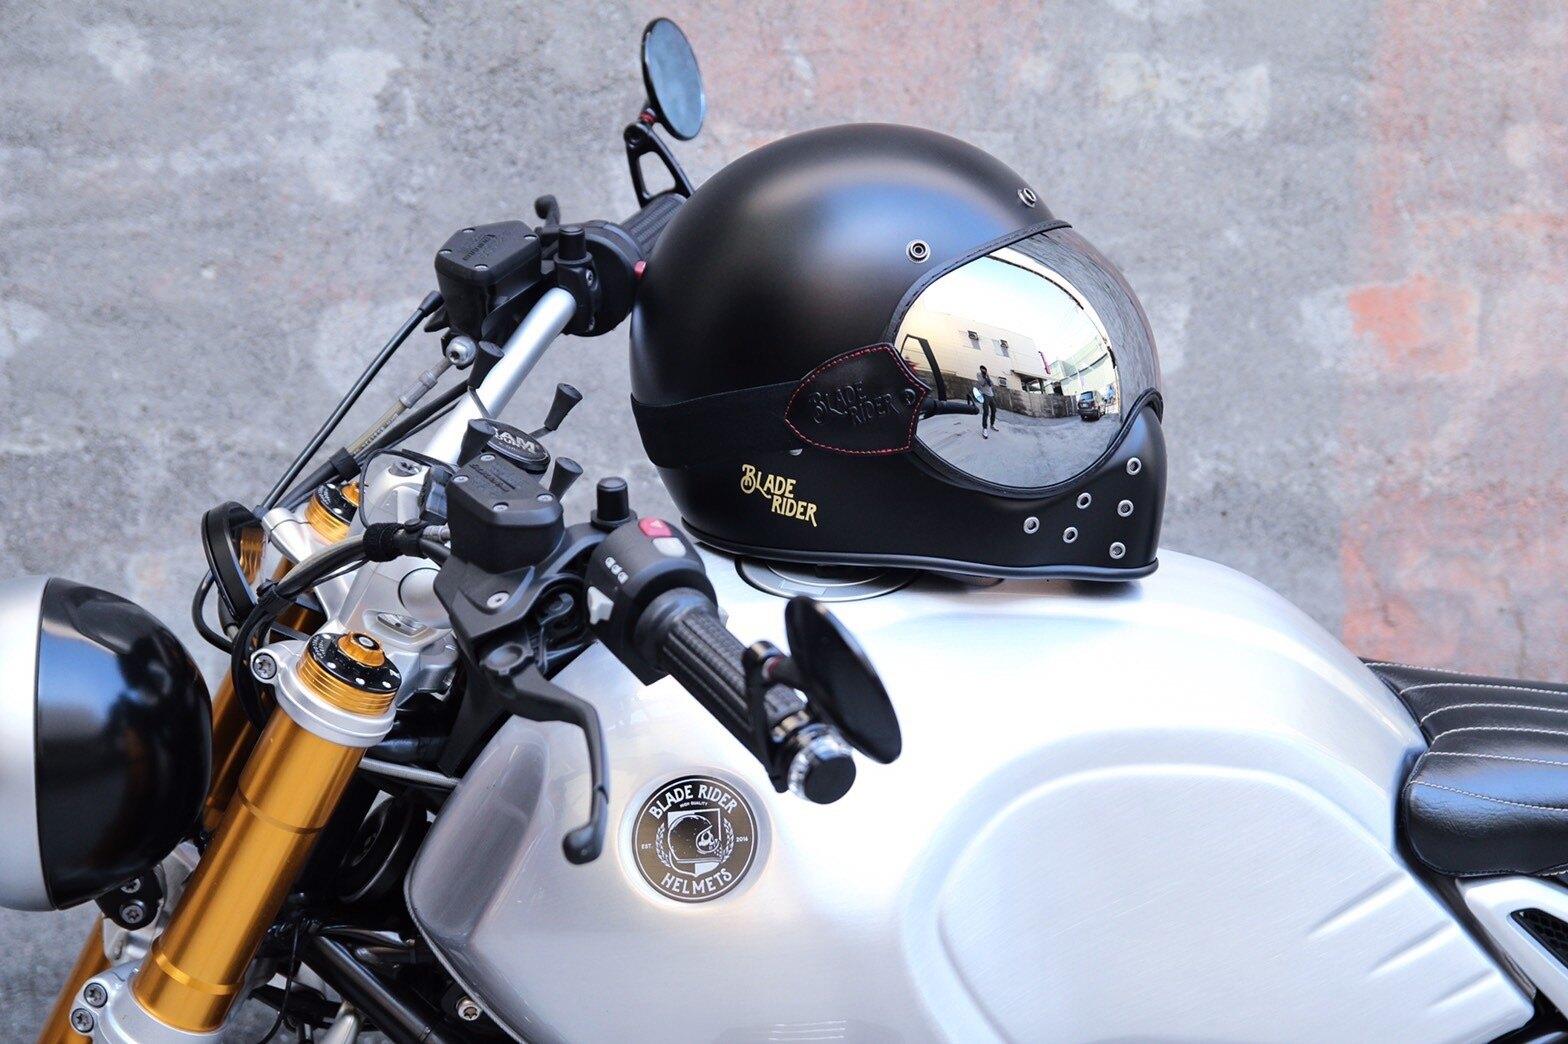 任我行騎士部品 Blade Rider Helmets 泡泡鏡 鬆緊帶 山車帽 復古帽 咖啡 cafe 鏡片 #電鍍銀